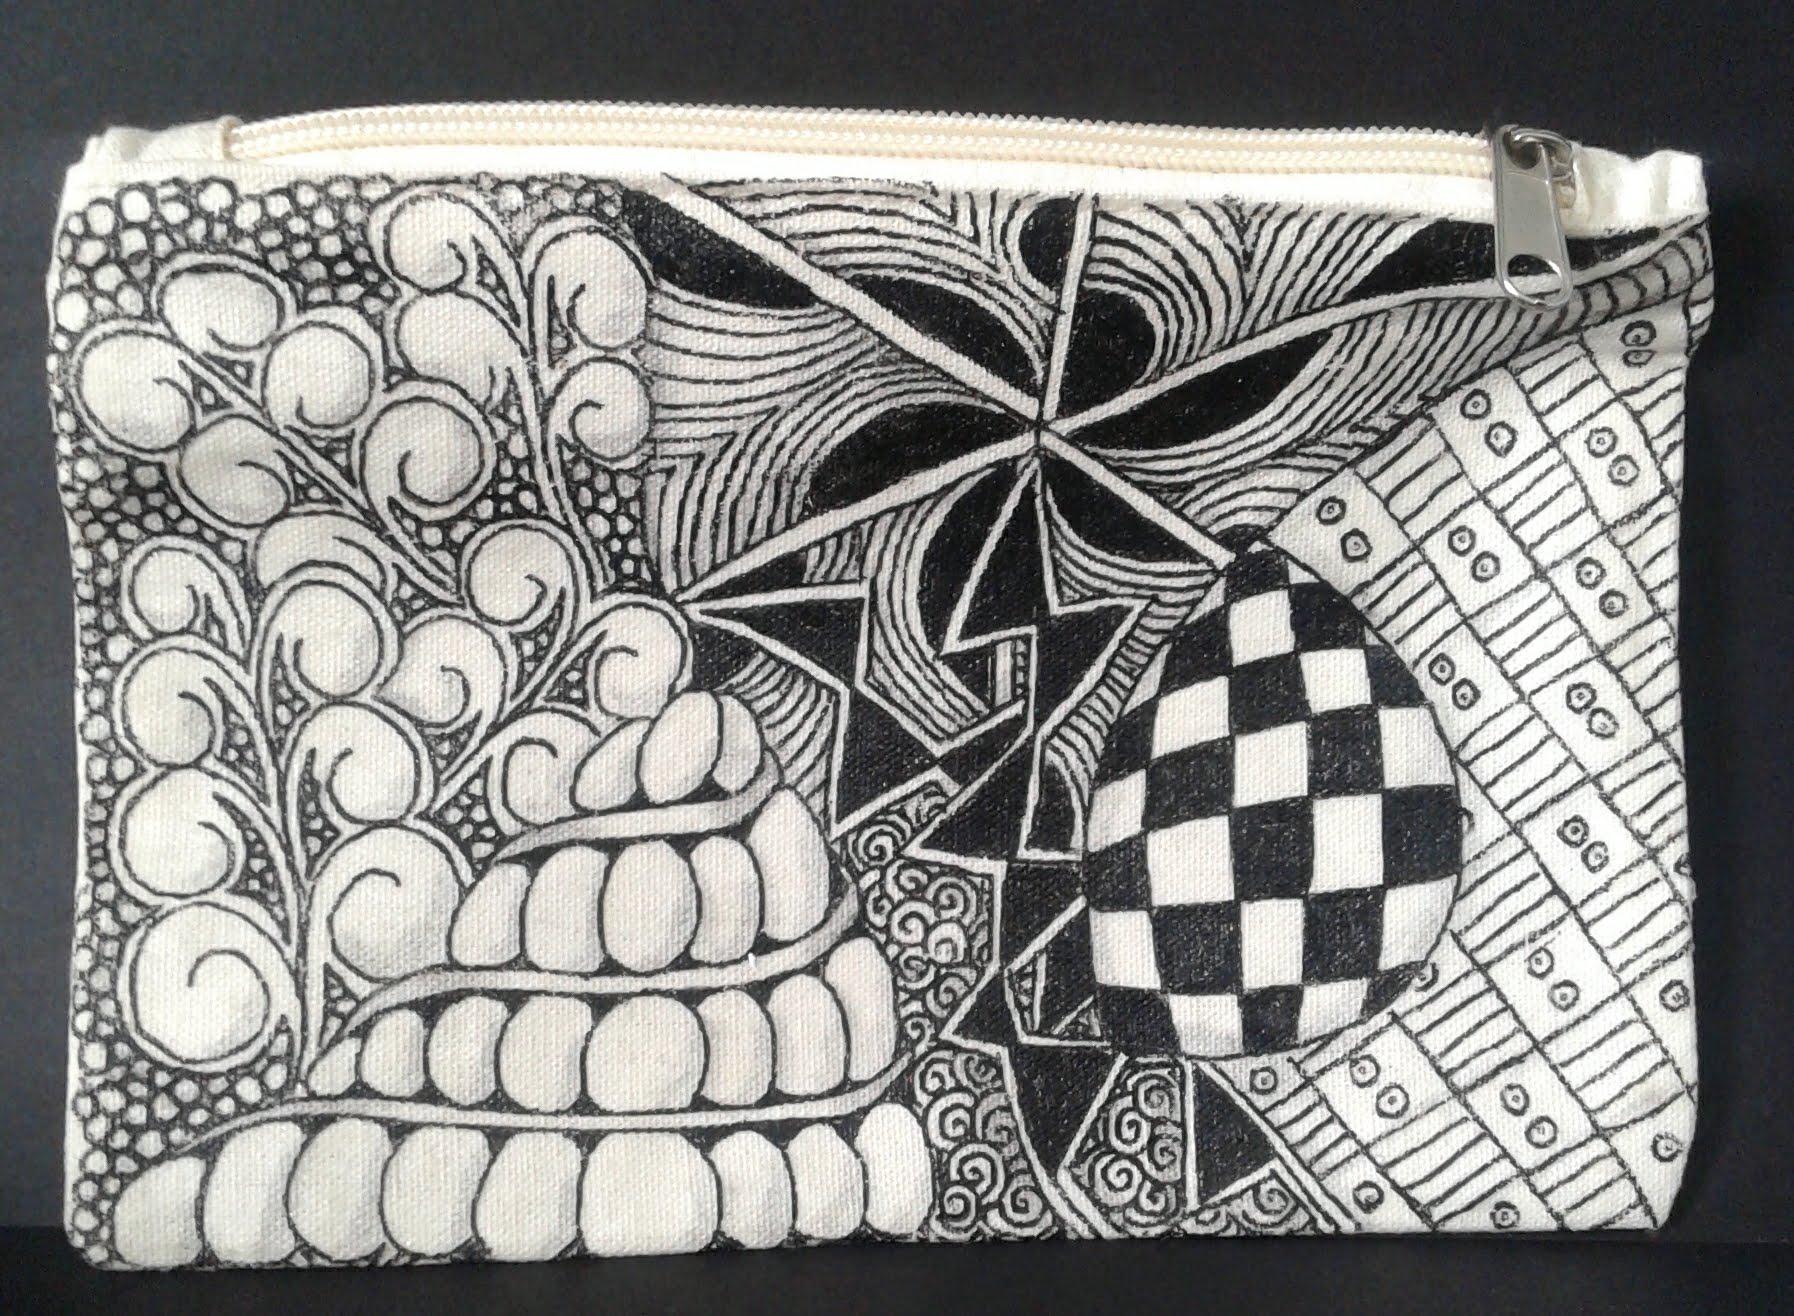 Zentangle Workshop w/ Sheryl: Zentangle on Canvas